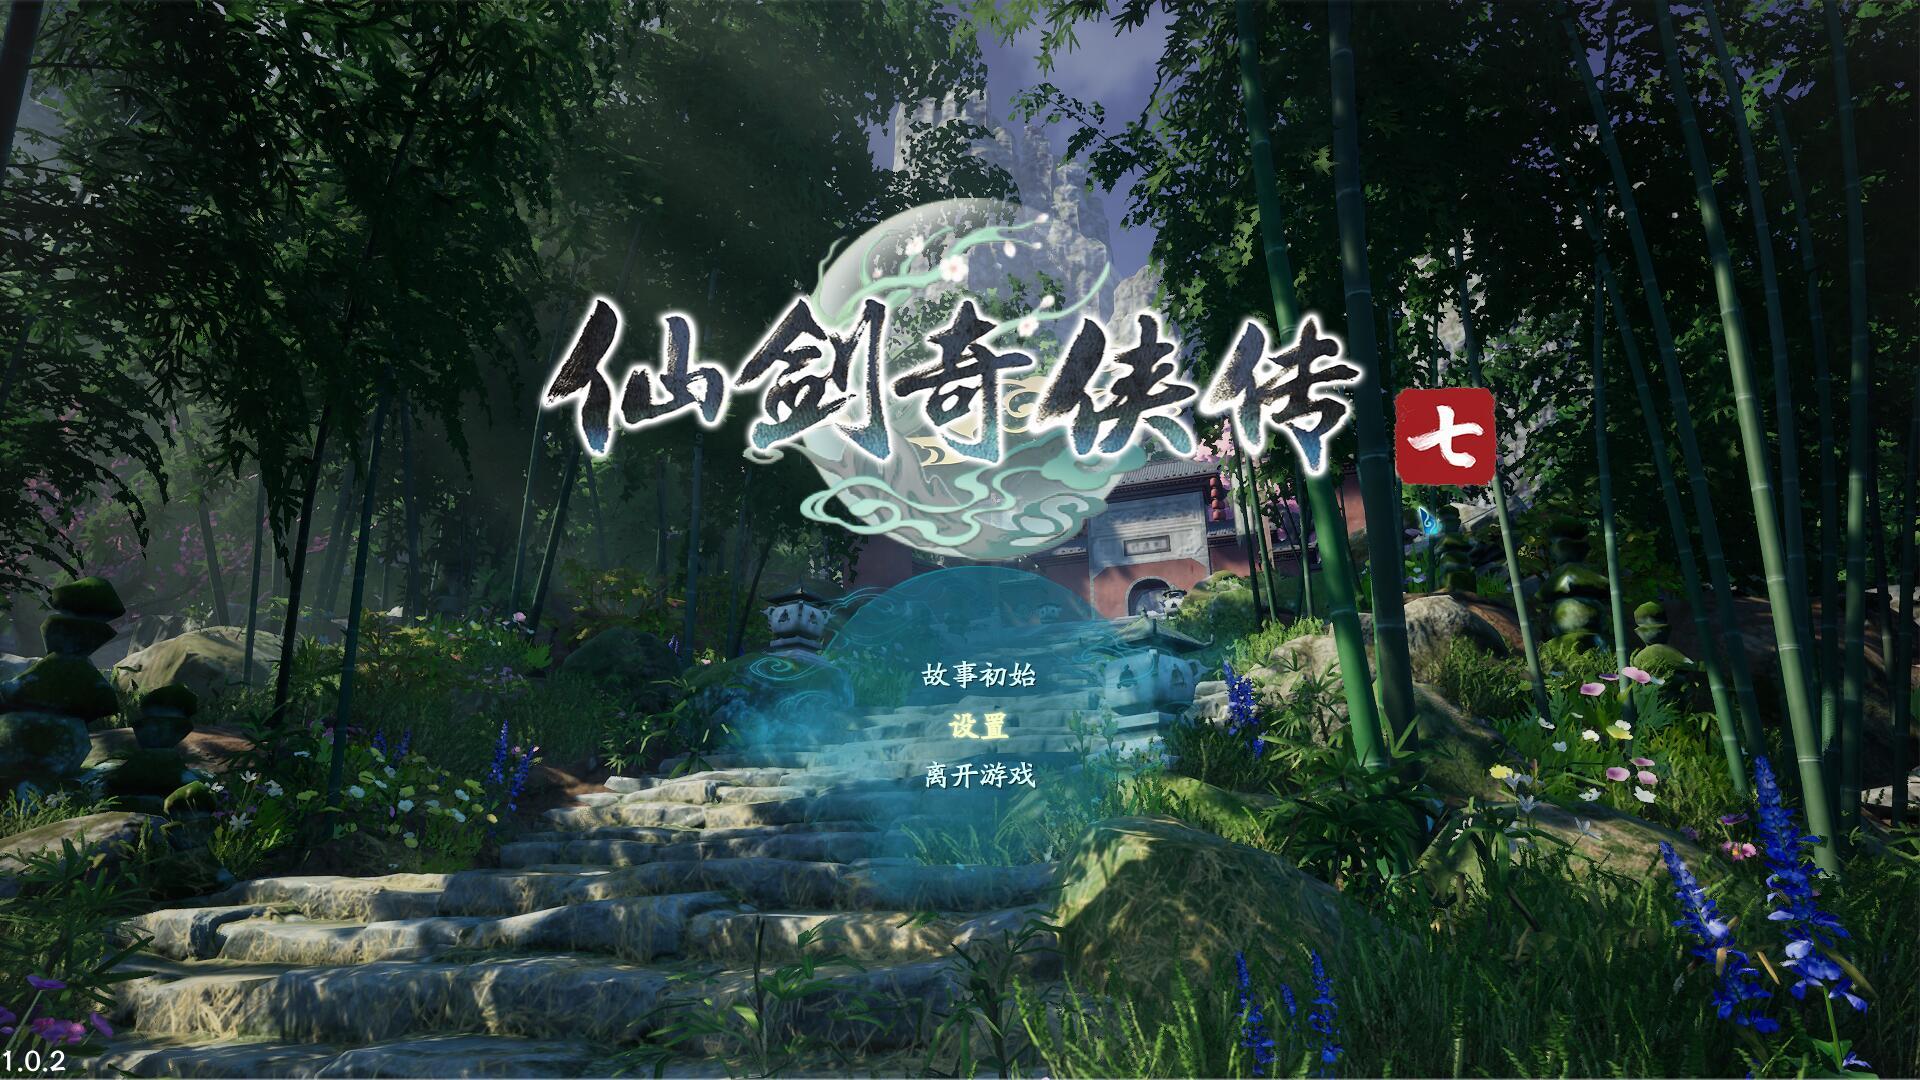 仙剑奇侠传7 v1.0.2中文版